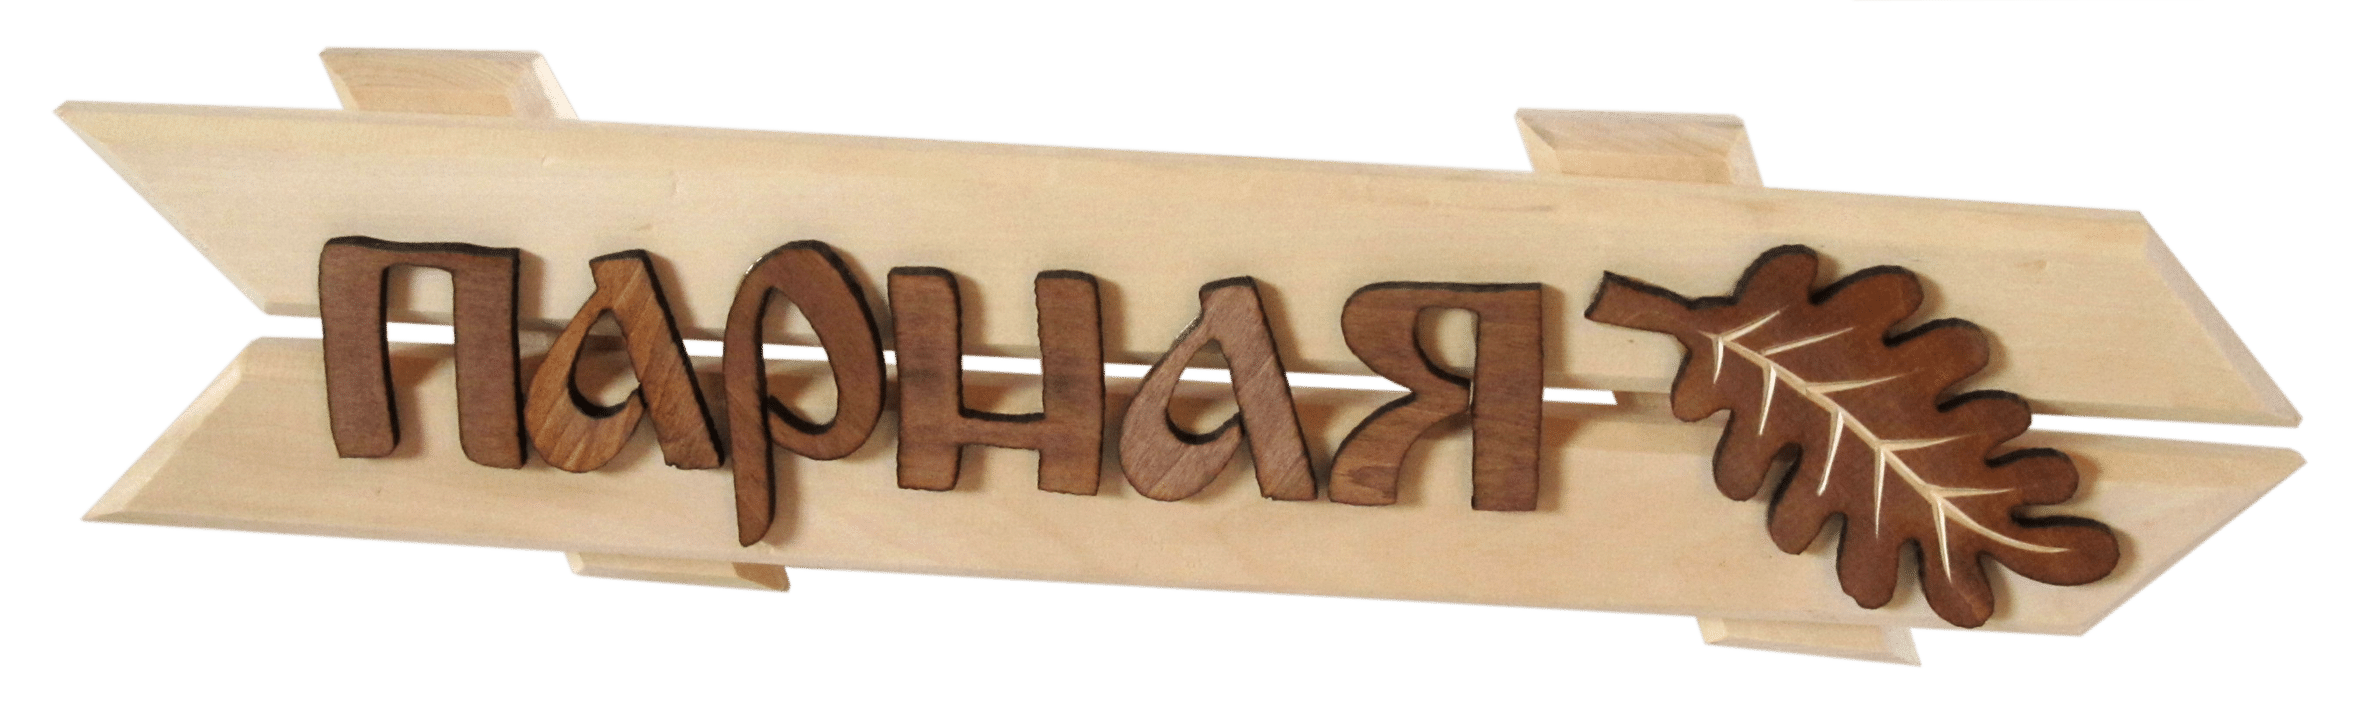 Какие бывают таблички для бани и как их делать?